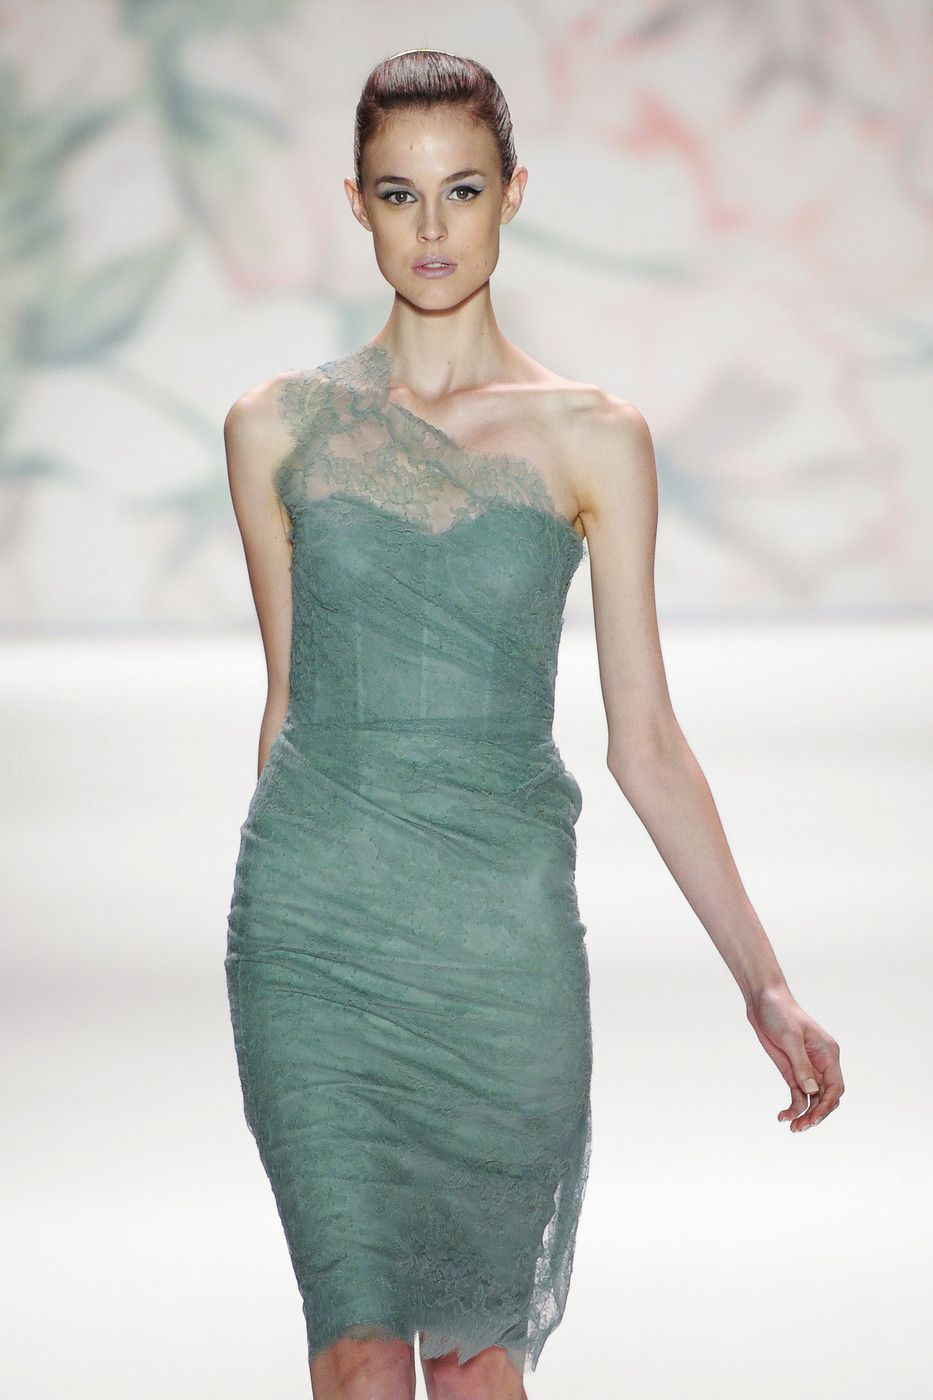 Monique Lhuillier at New York Fashion Week Spring 2011 -   15 dress Coctel monique lhuillier ideas